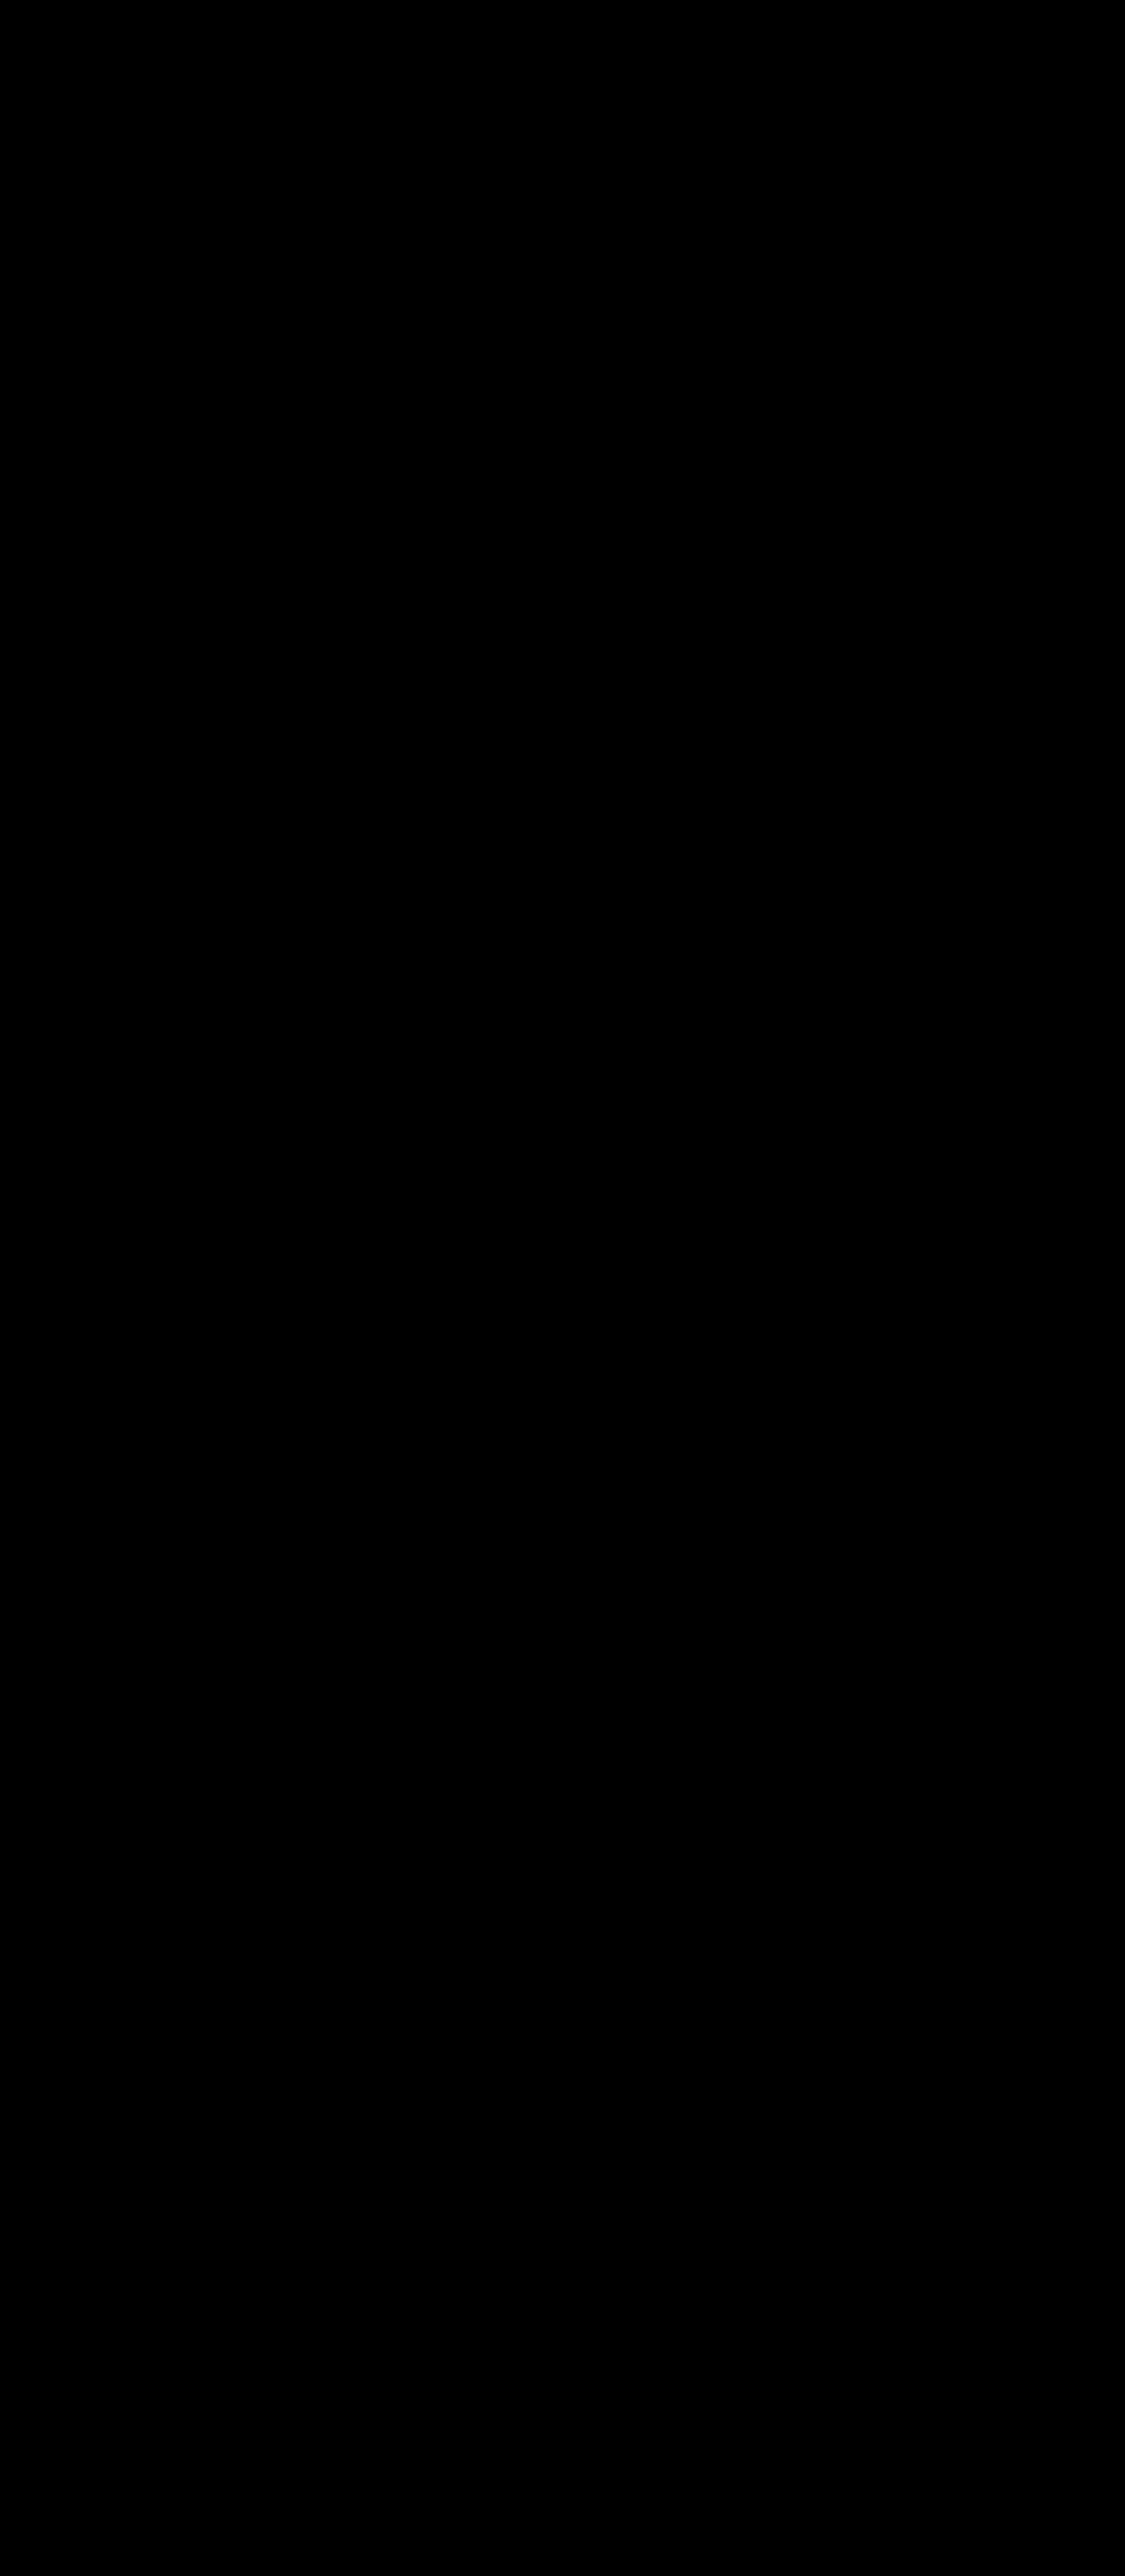 карведилол ратиофарм инструкция к применению